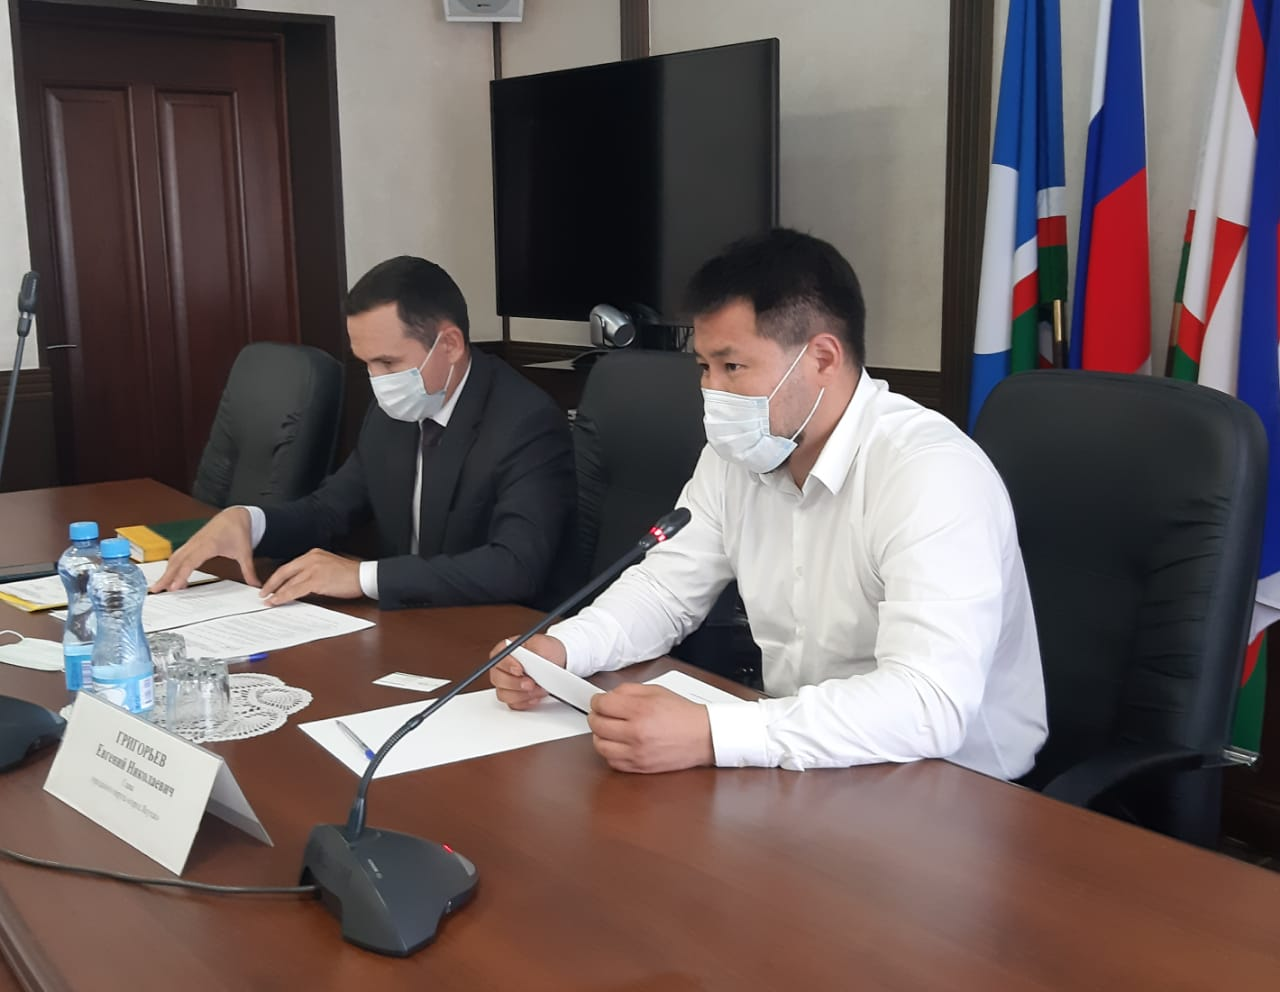 Проект «100 новых автобусов в Якутске» запустят к юбилею ЯАССР